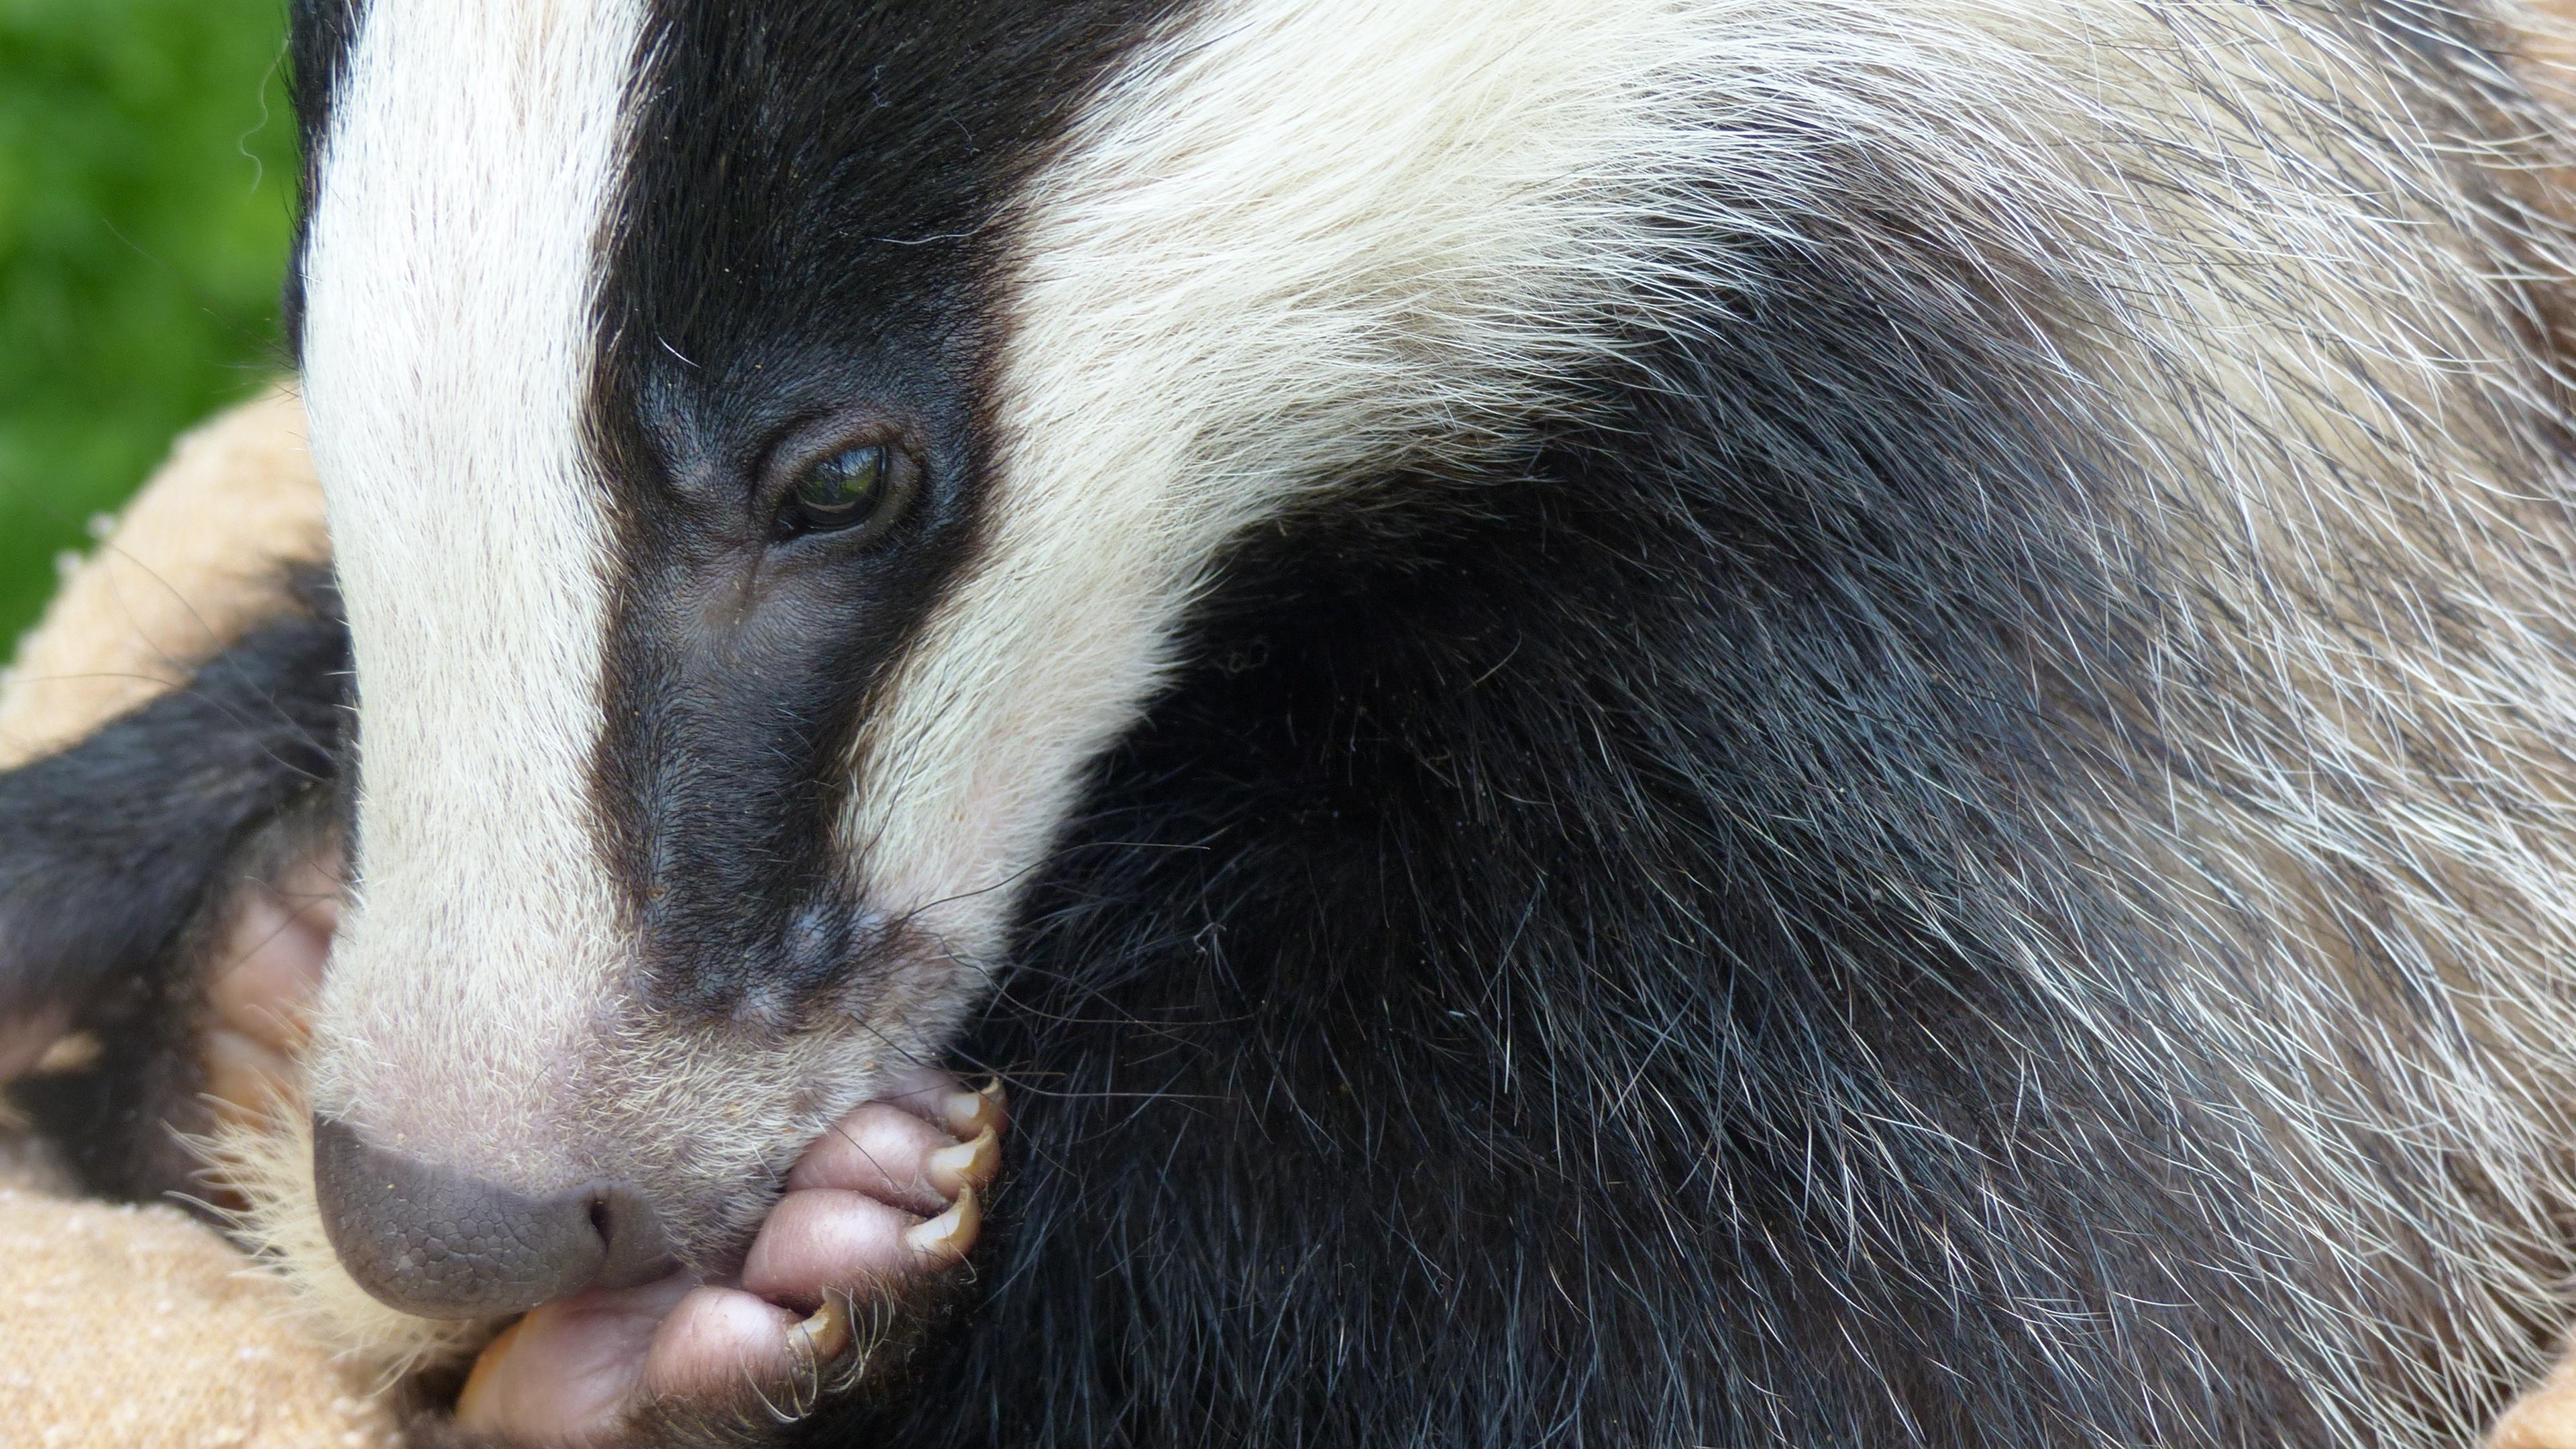 badger face eyes paw 4k 1542242901 - badger, face, eyes, paw 4k - Face, Eyes, badger